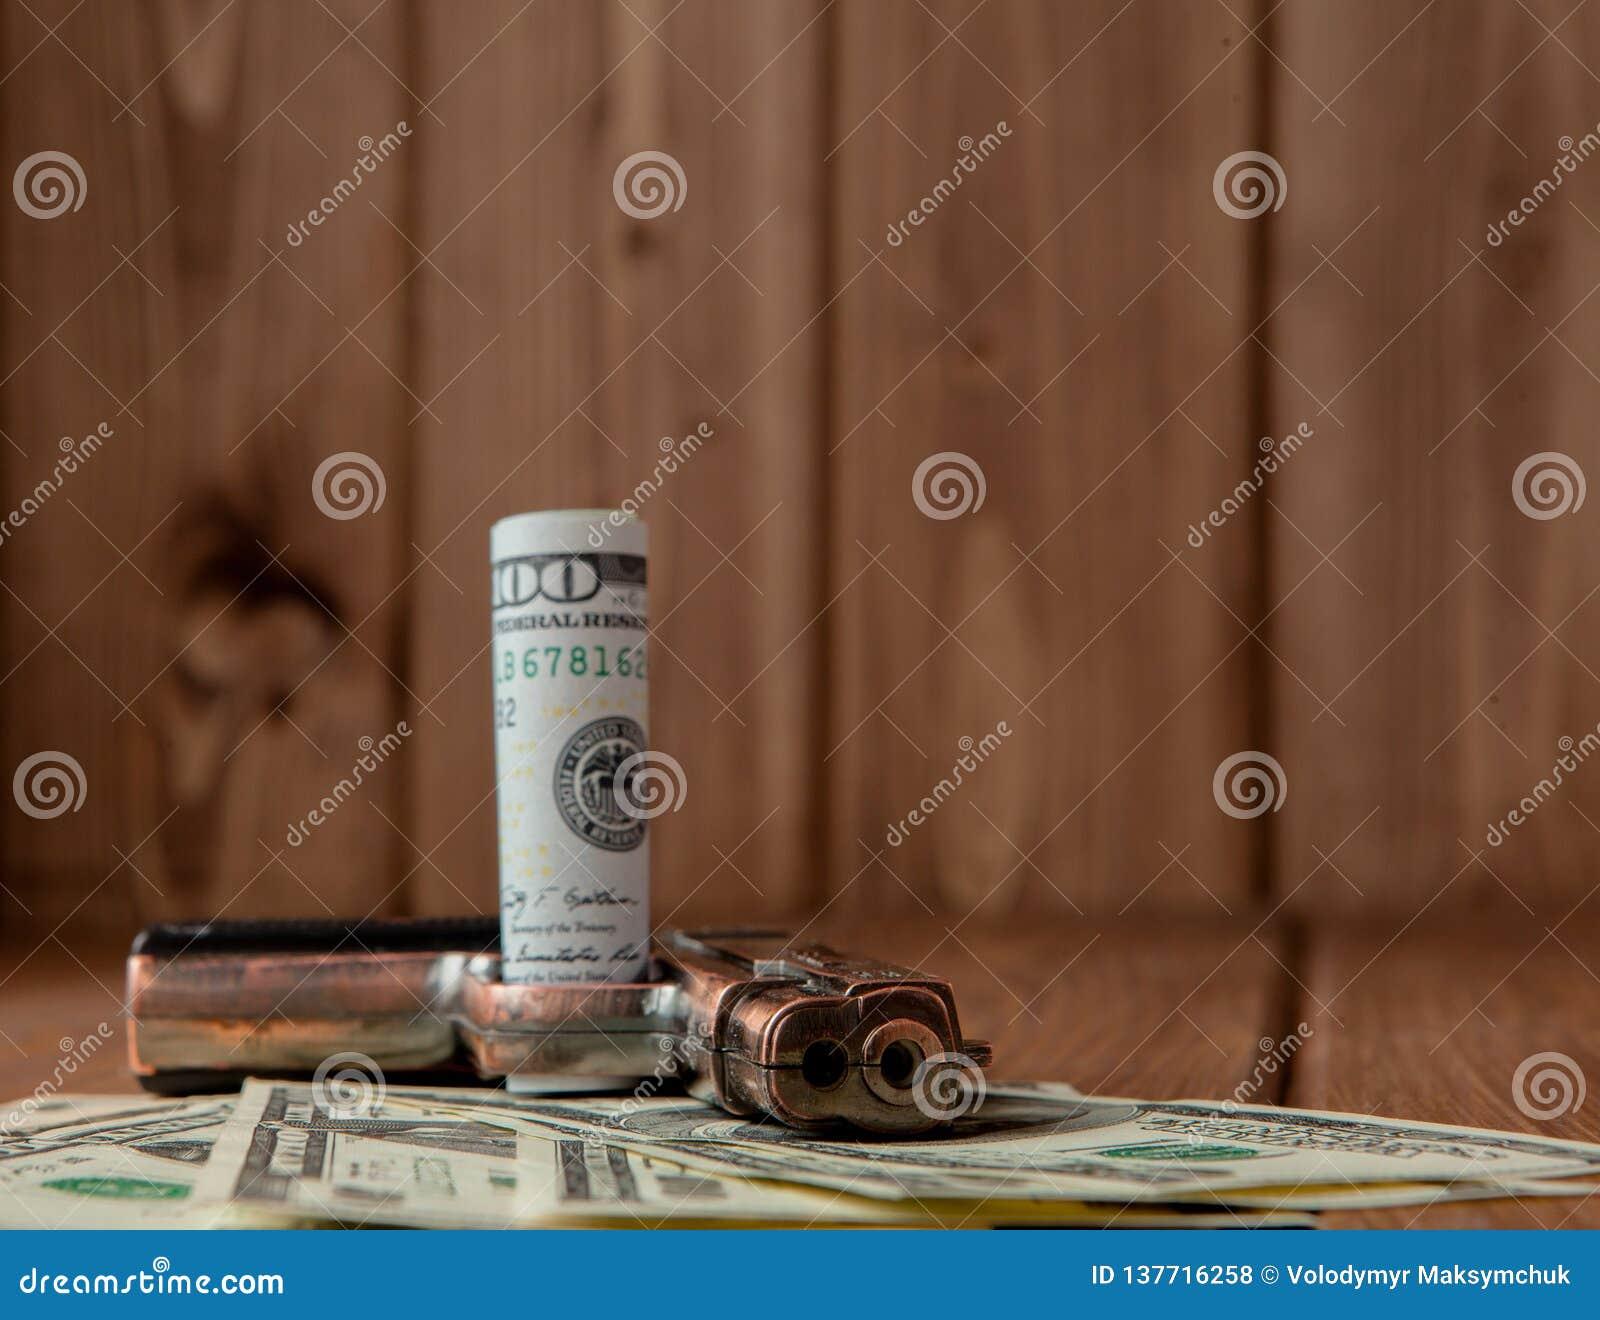 Stapel van Geld, drugsand een kanon op een houten lijst, concept over gevaar en bedreiging van de drug